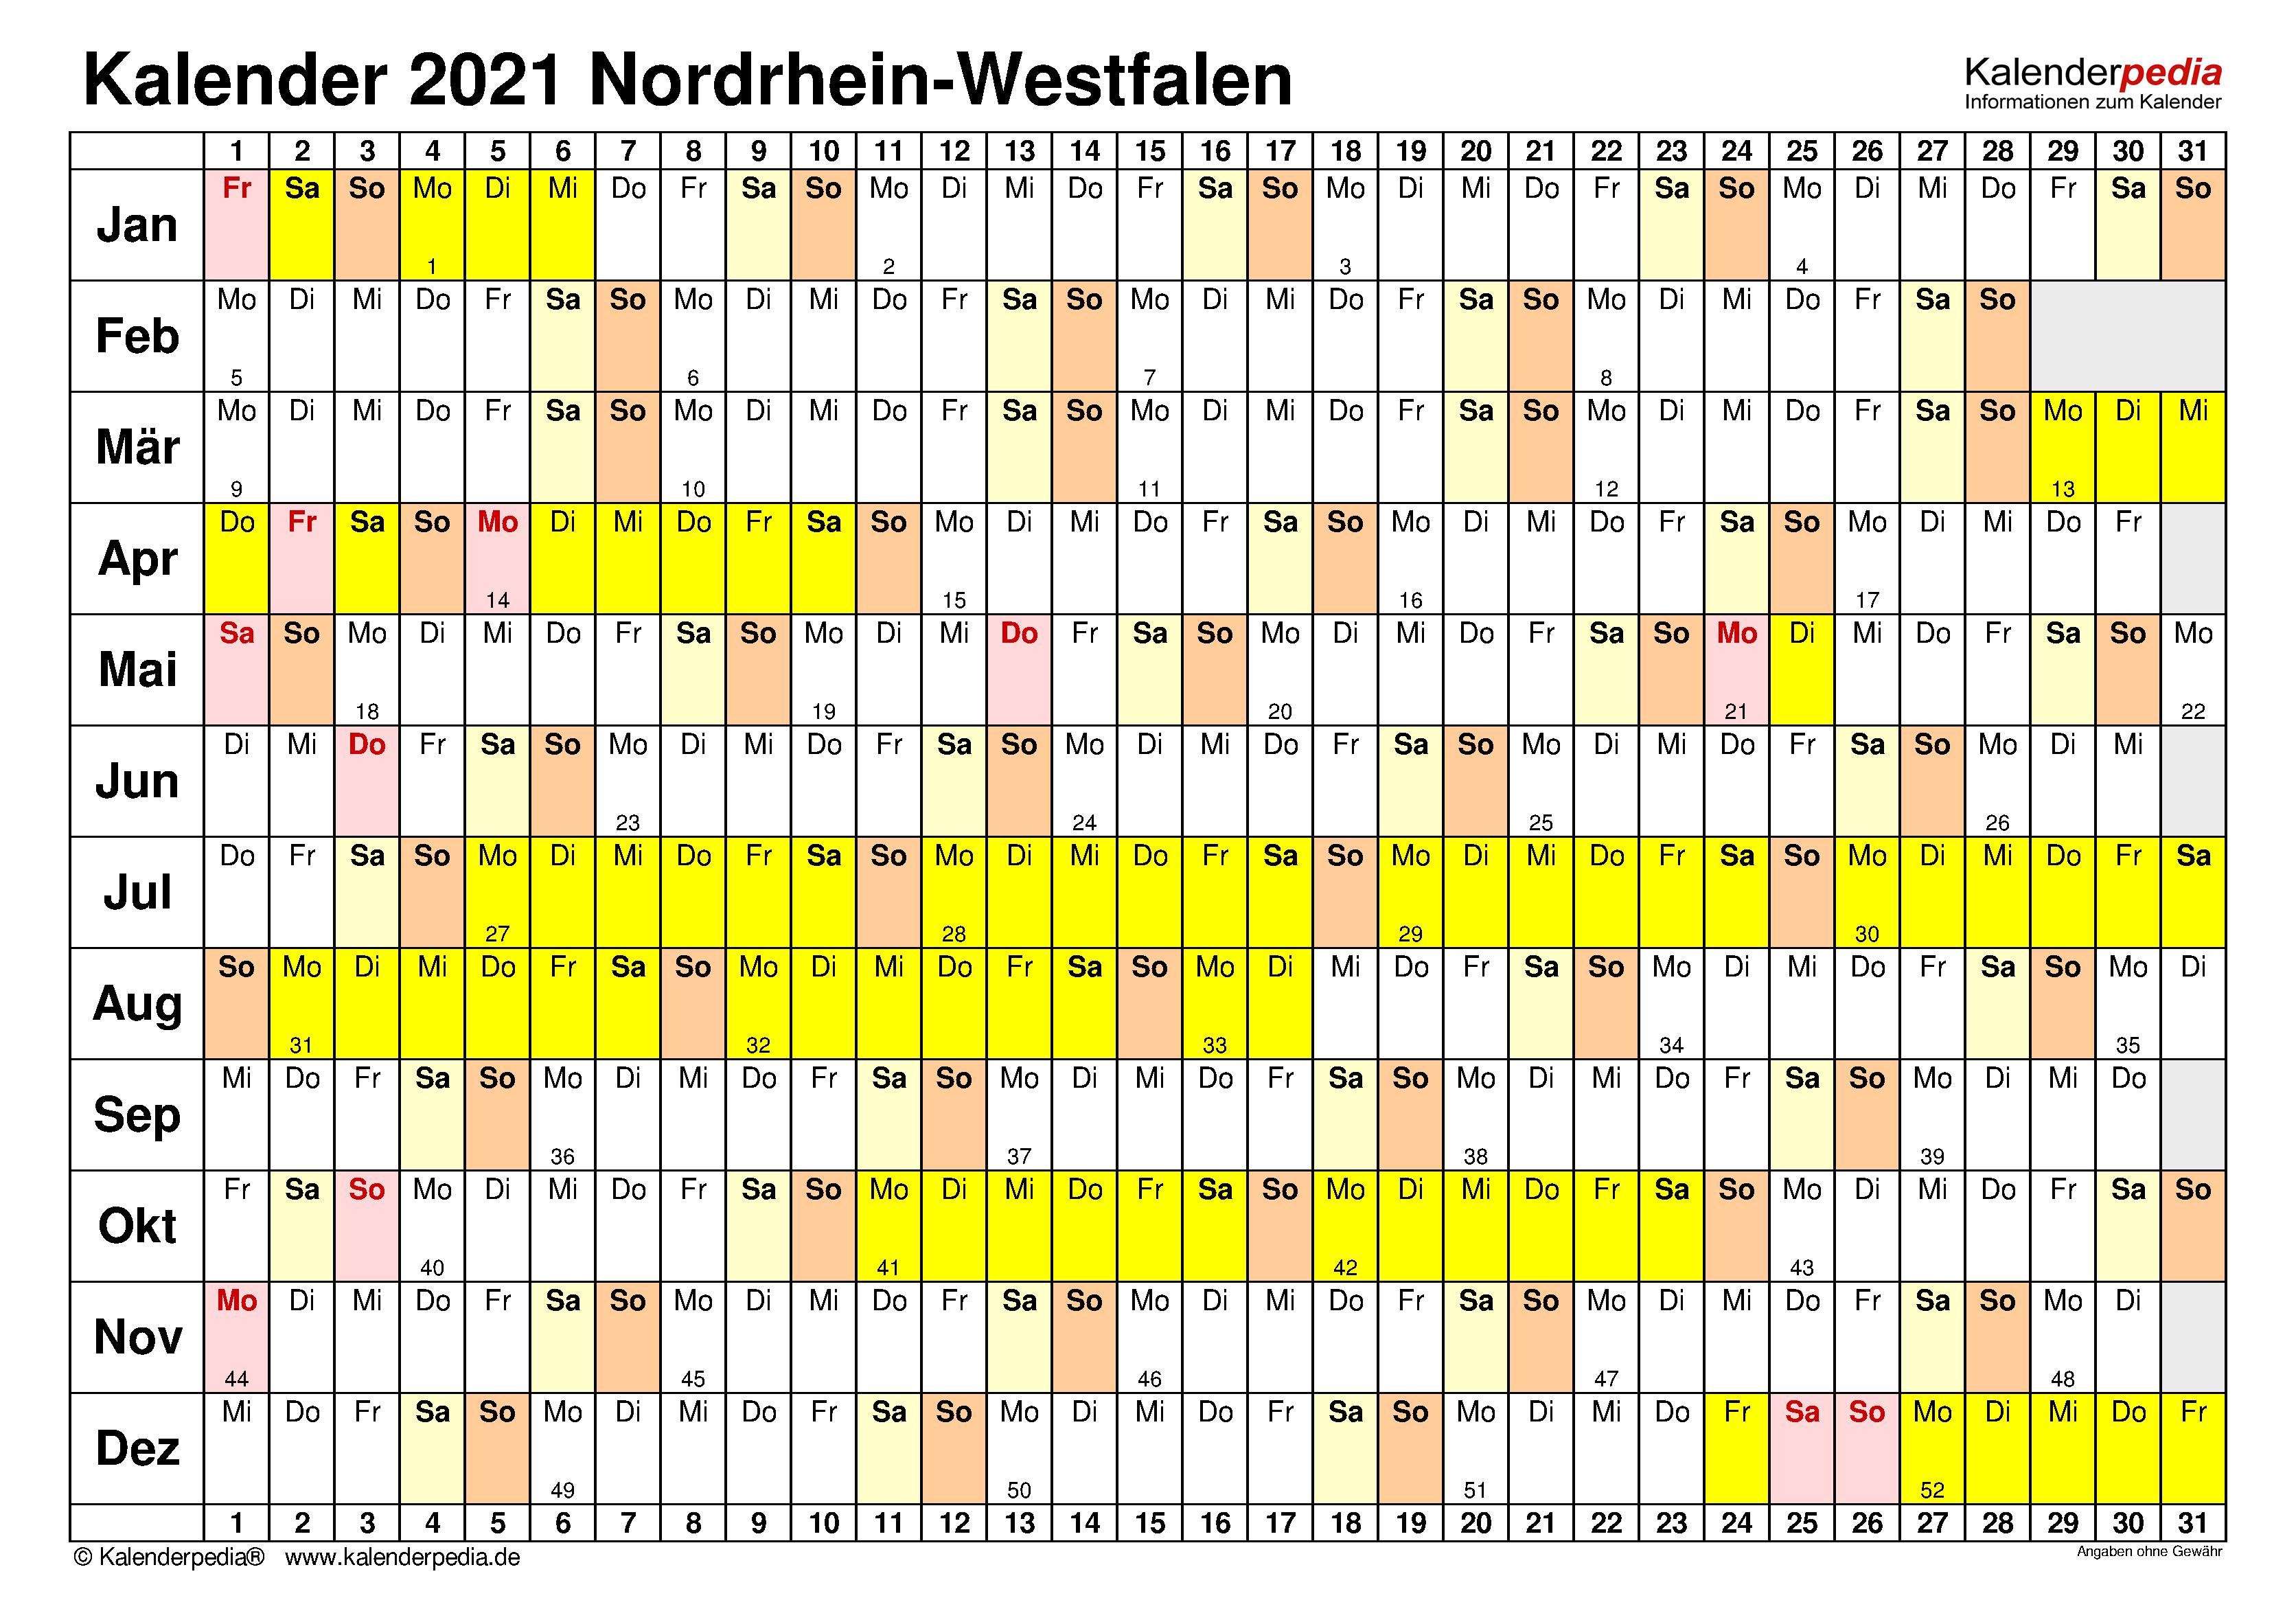 Kalender 2020 zum ausdrucken kostenlos. Kalender 2021 Nrw Ferien Feiertage Pdf Vorlagen